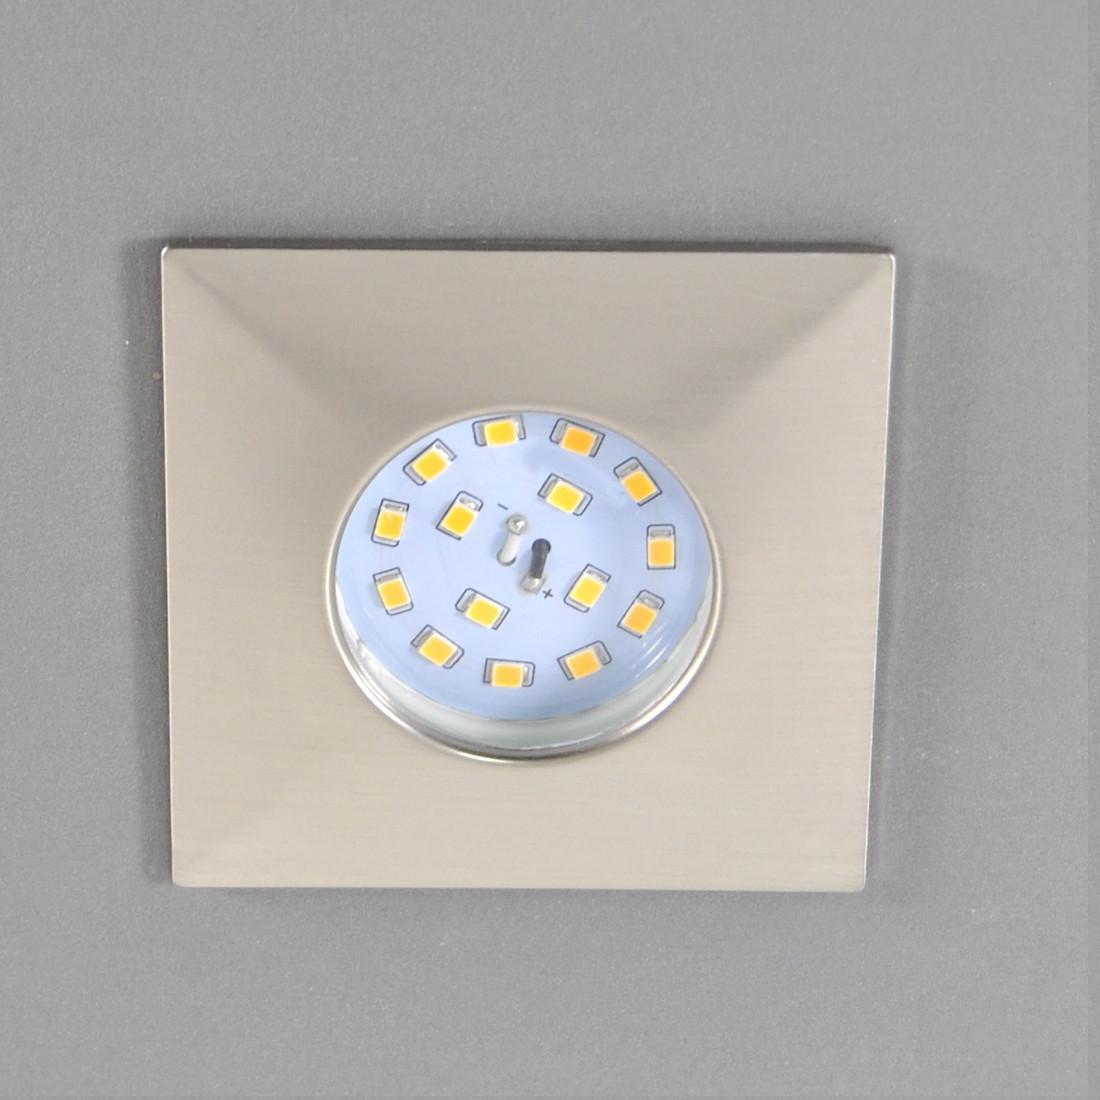 LED Einbaulampe 61173751 Darlux 5W Deckenspot Einbauspot IP44 Außenlampe